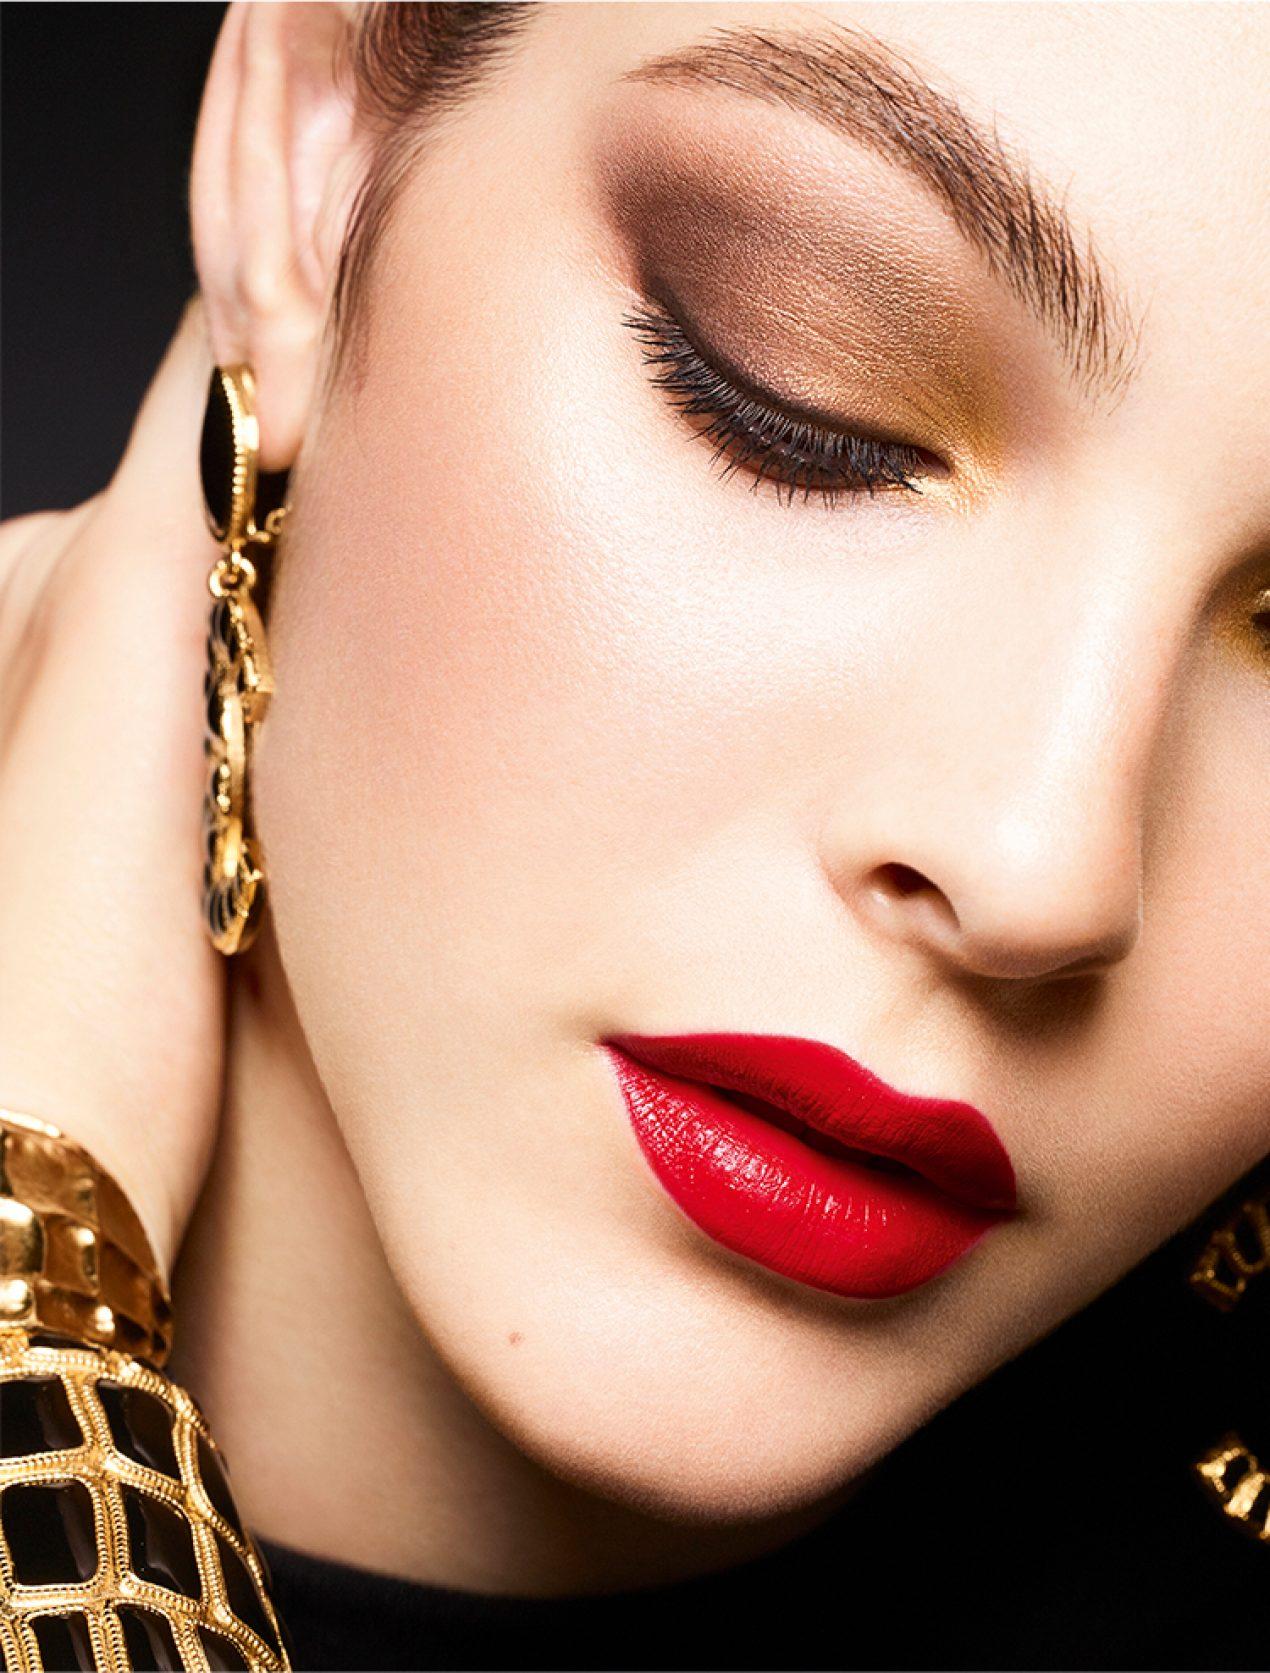 Maquillaje-ideal-para-las-fiestas-navideñas-y-de-fin-de-año